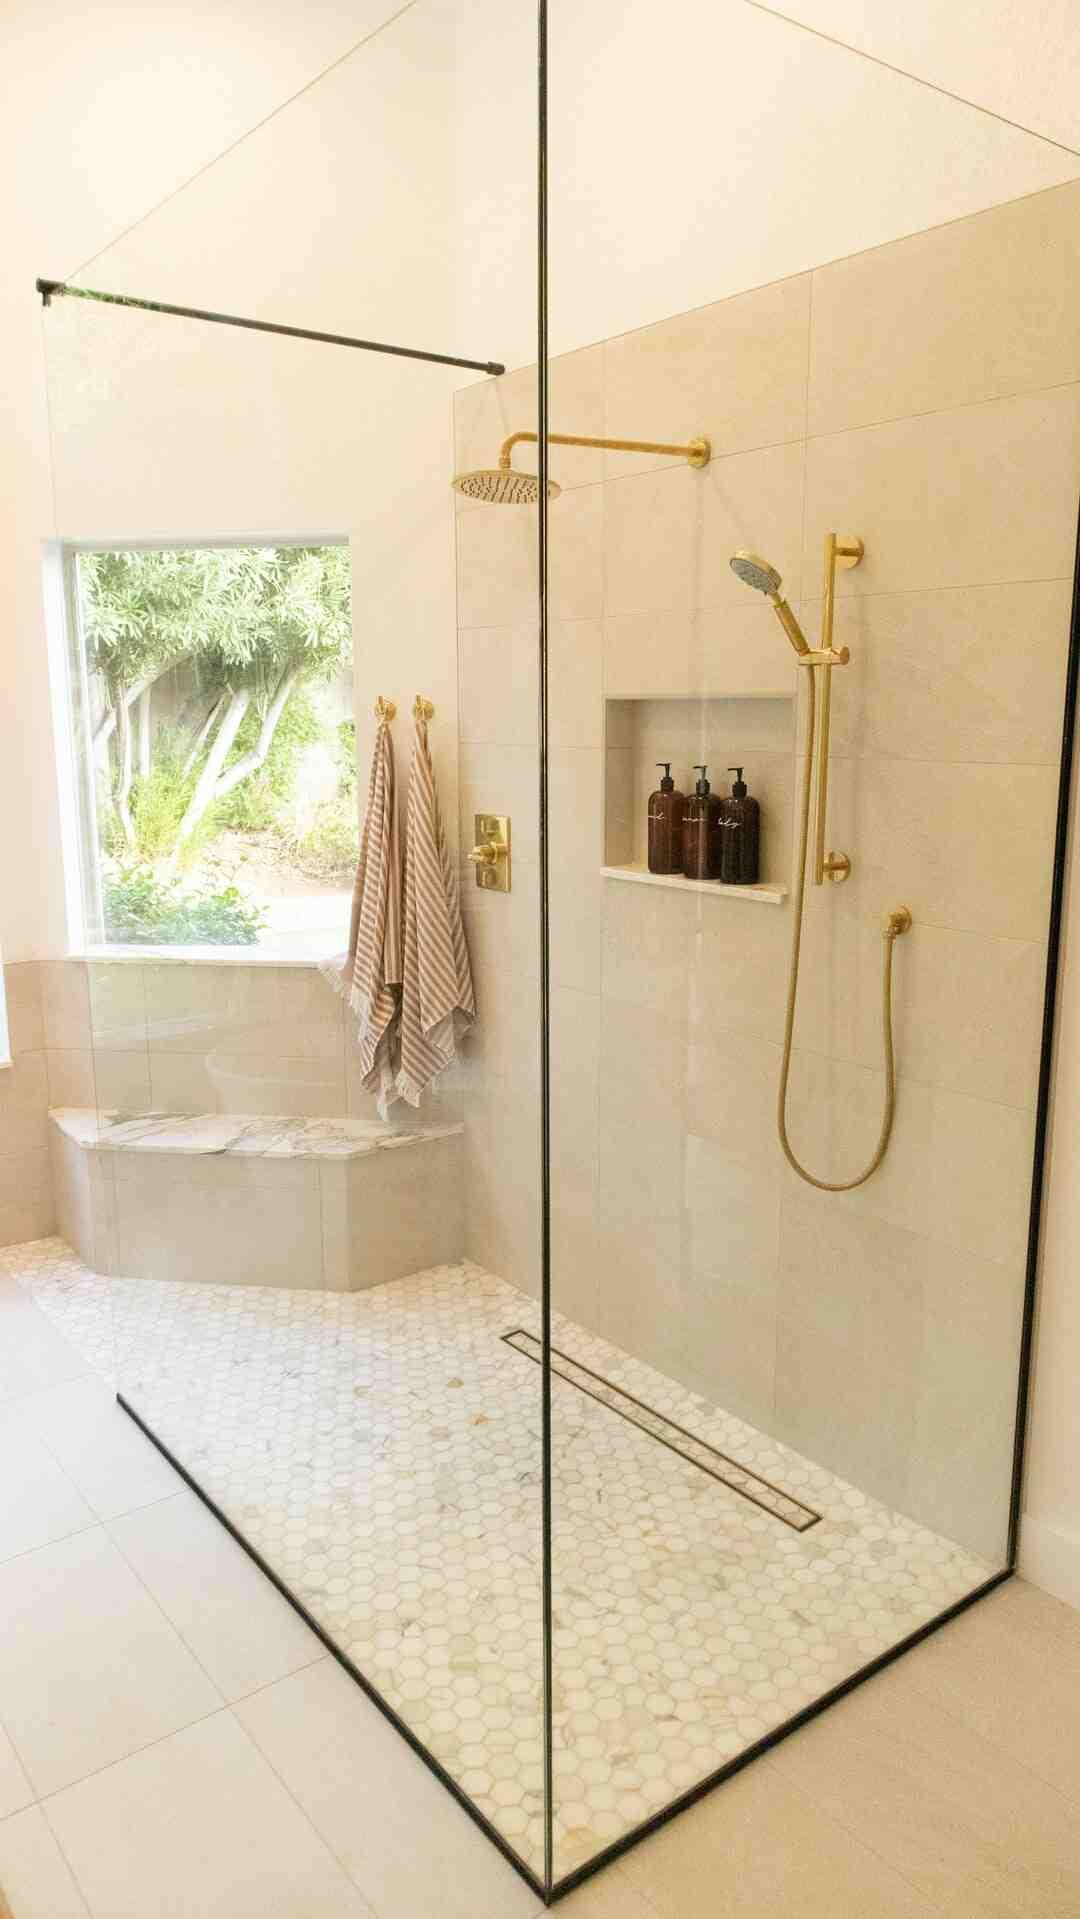 Comment poser un bac de douche en résine ?